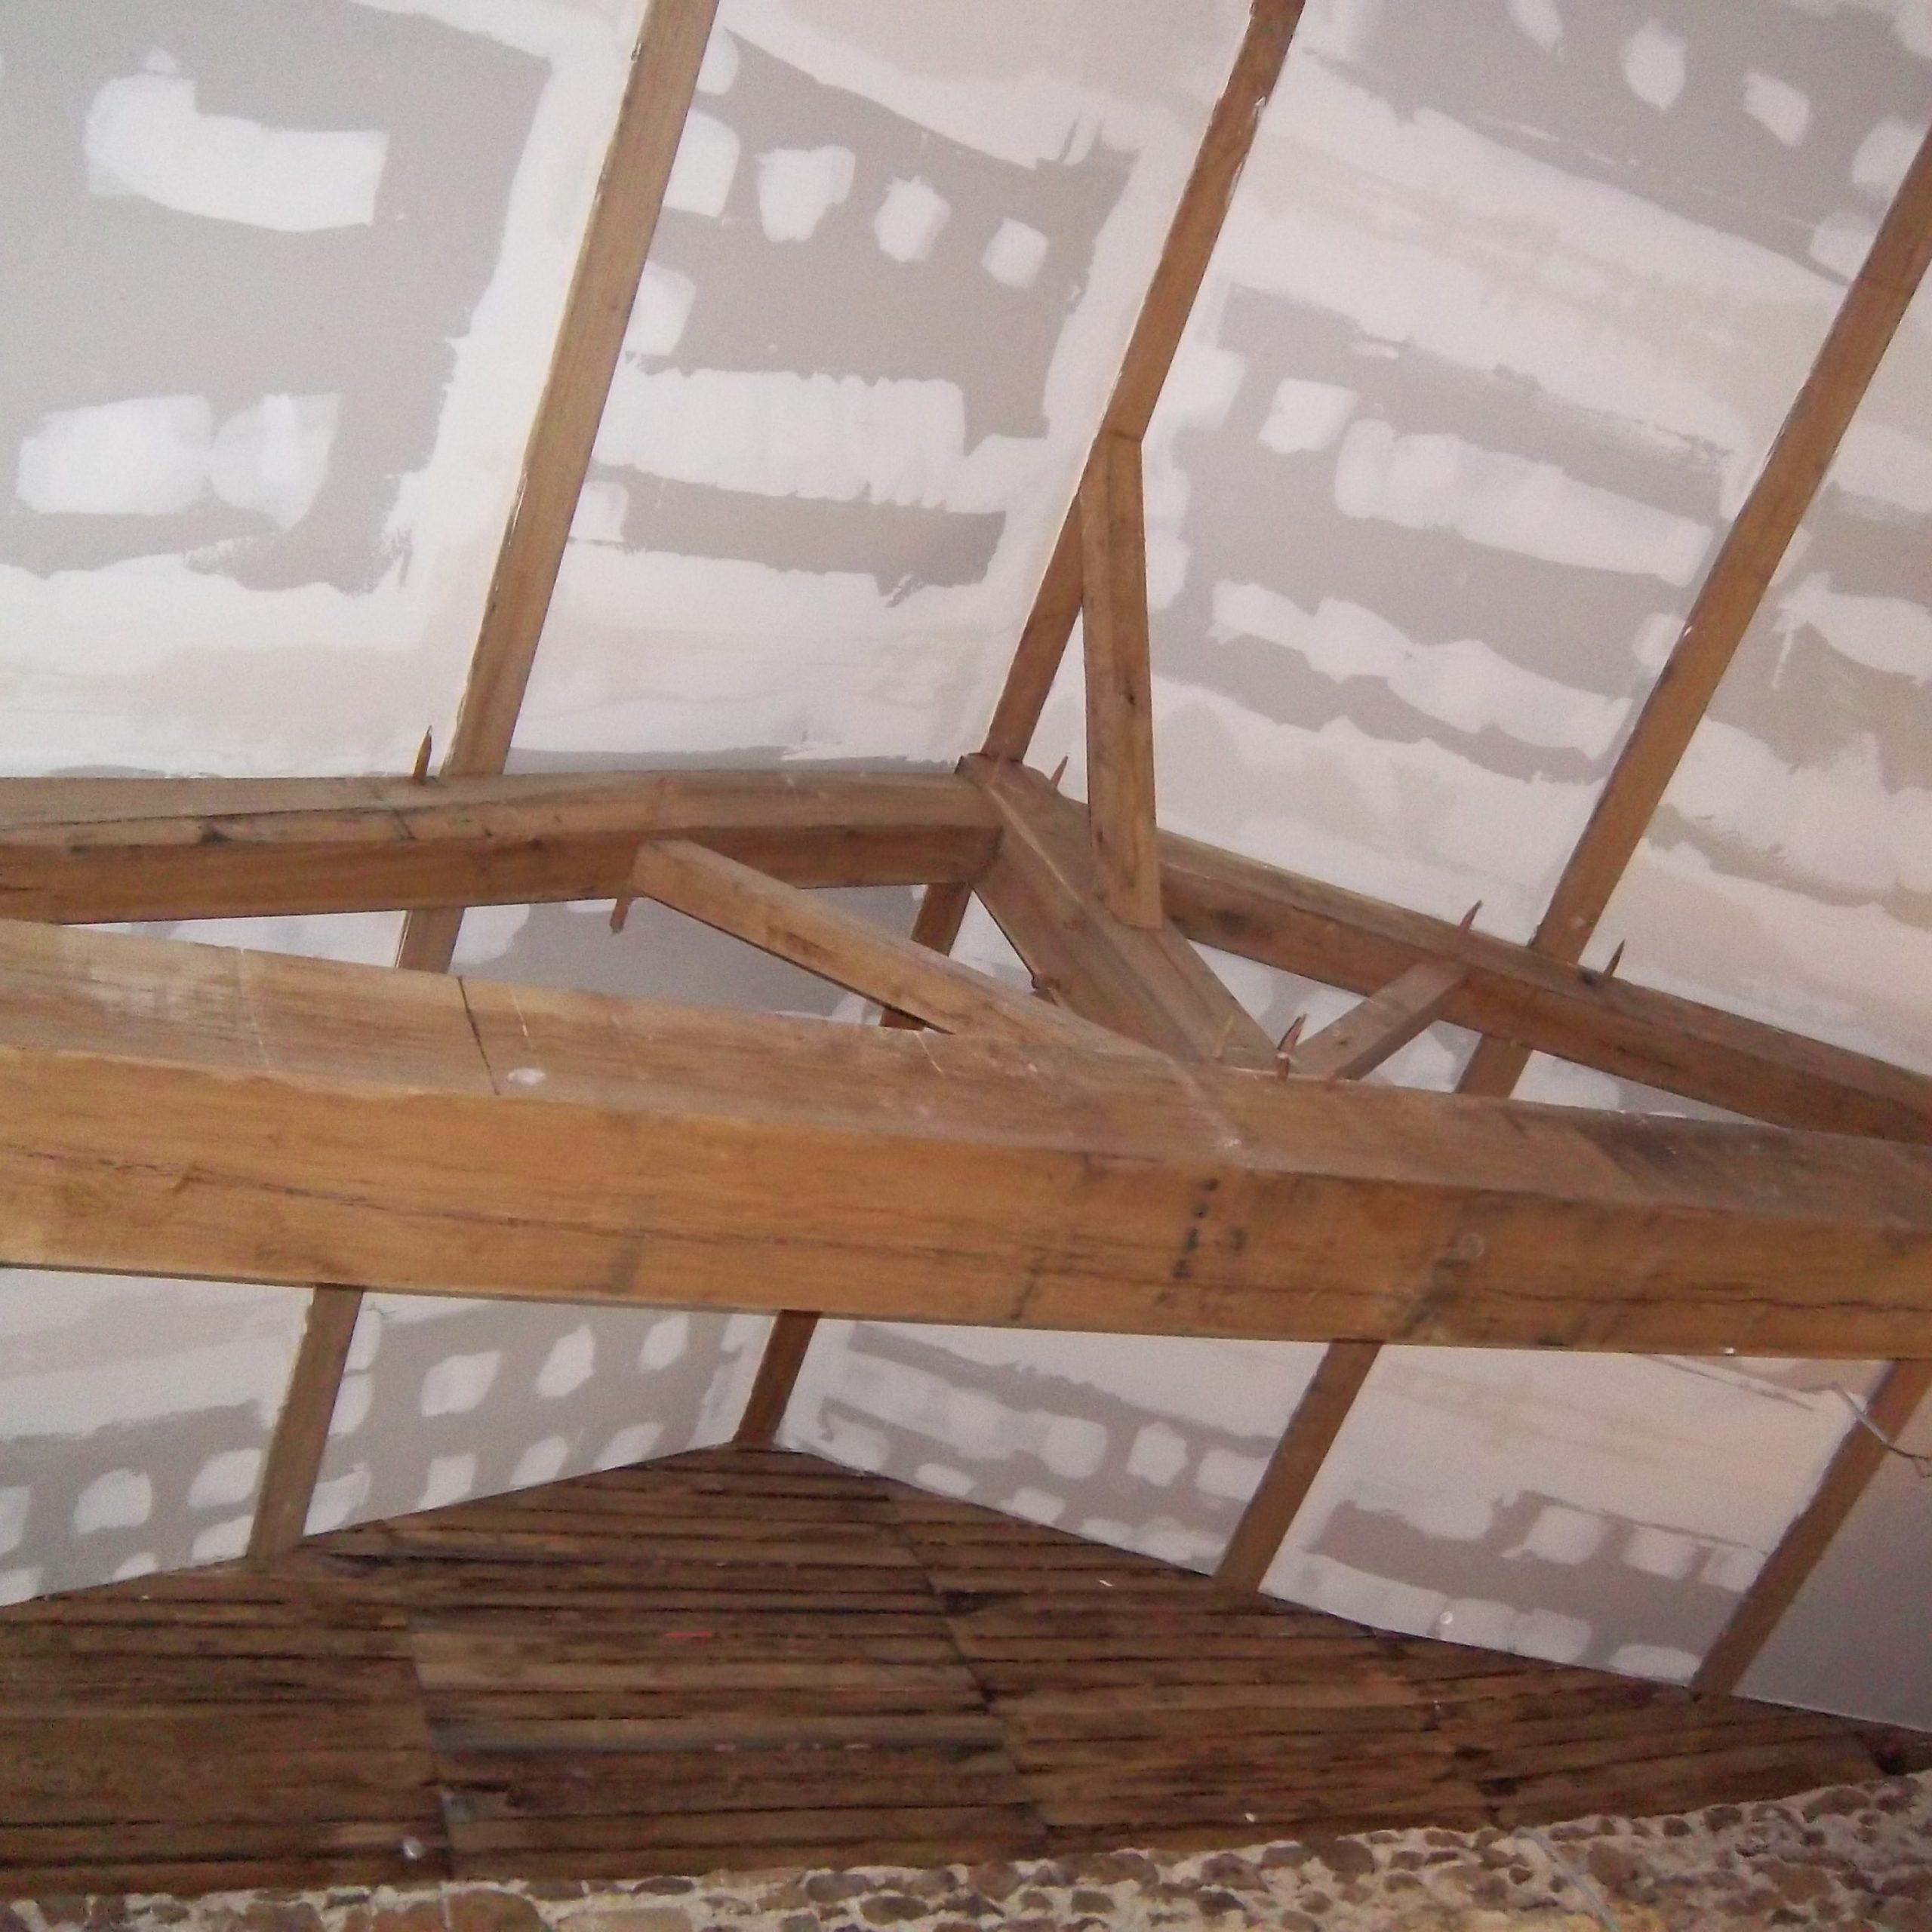 Rénovation d'un longère en placo, cloisons sèches avec plafond rampant et charpente apparente. BOSSARD travaille la cloison sèche, le placo, les cloisons sèches en mur, plafonds et rampants, en rénovation ou en neuf BOSSARD à MONCOUTANT